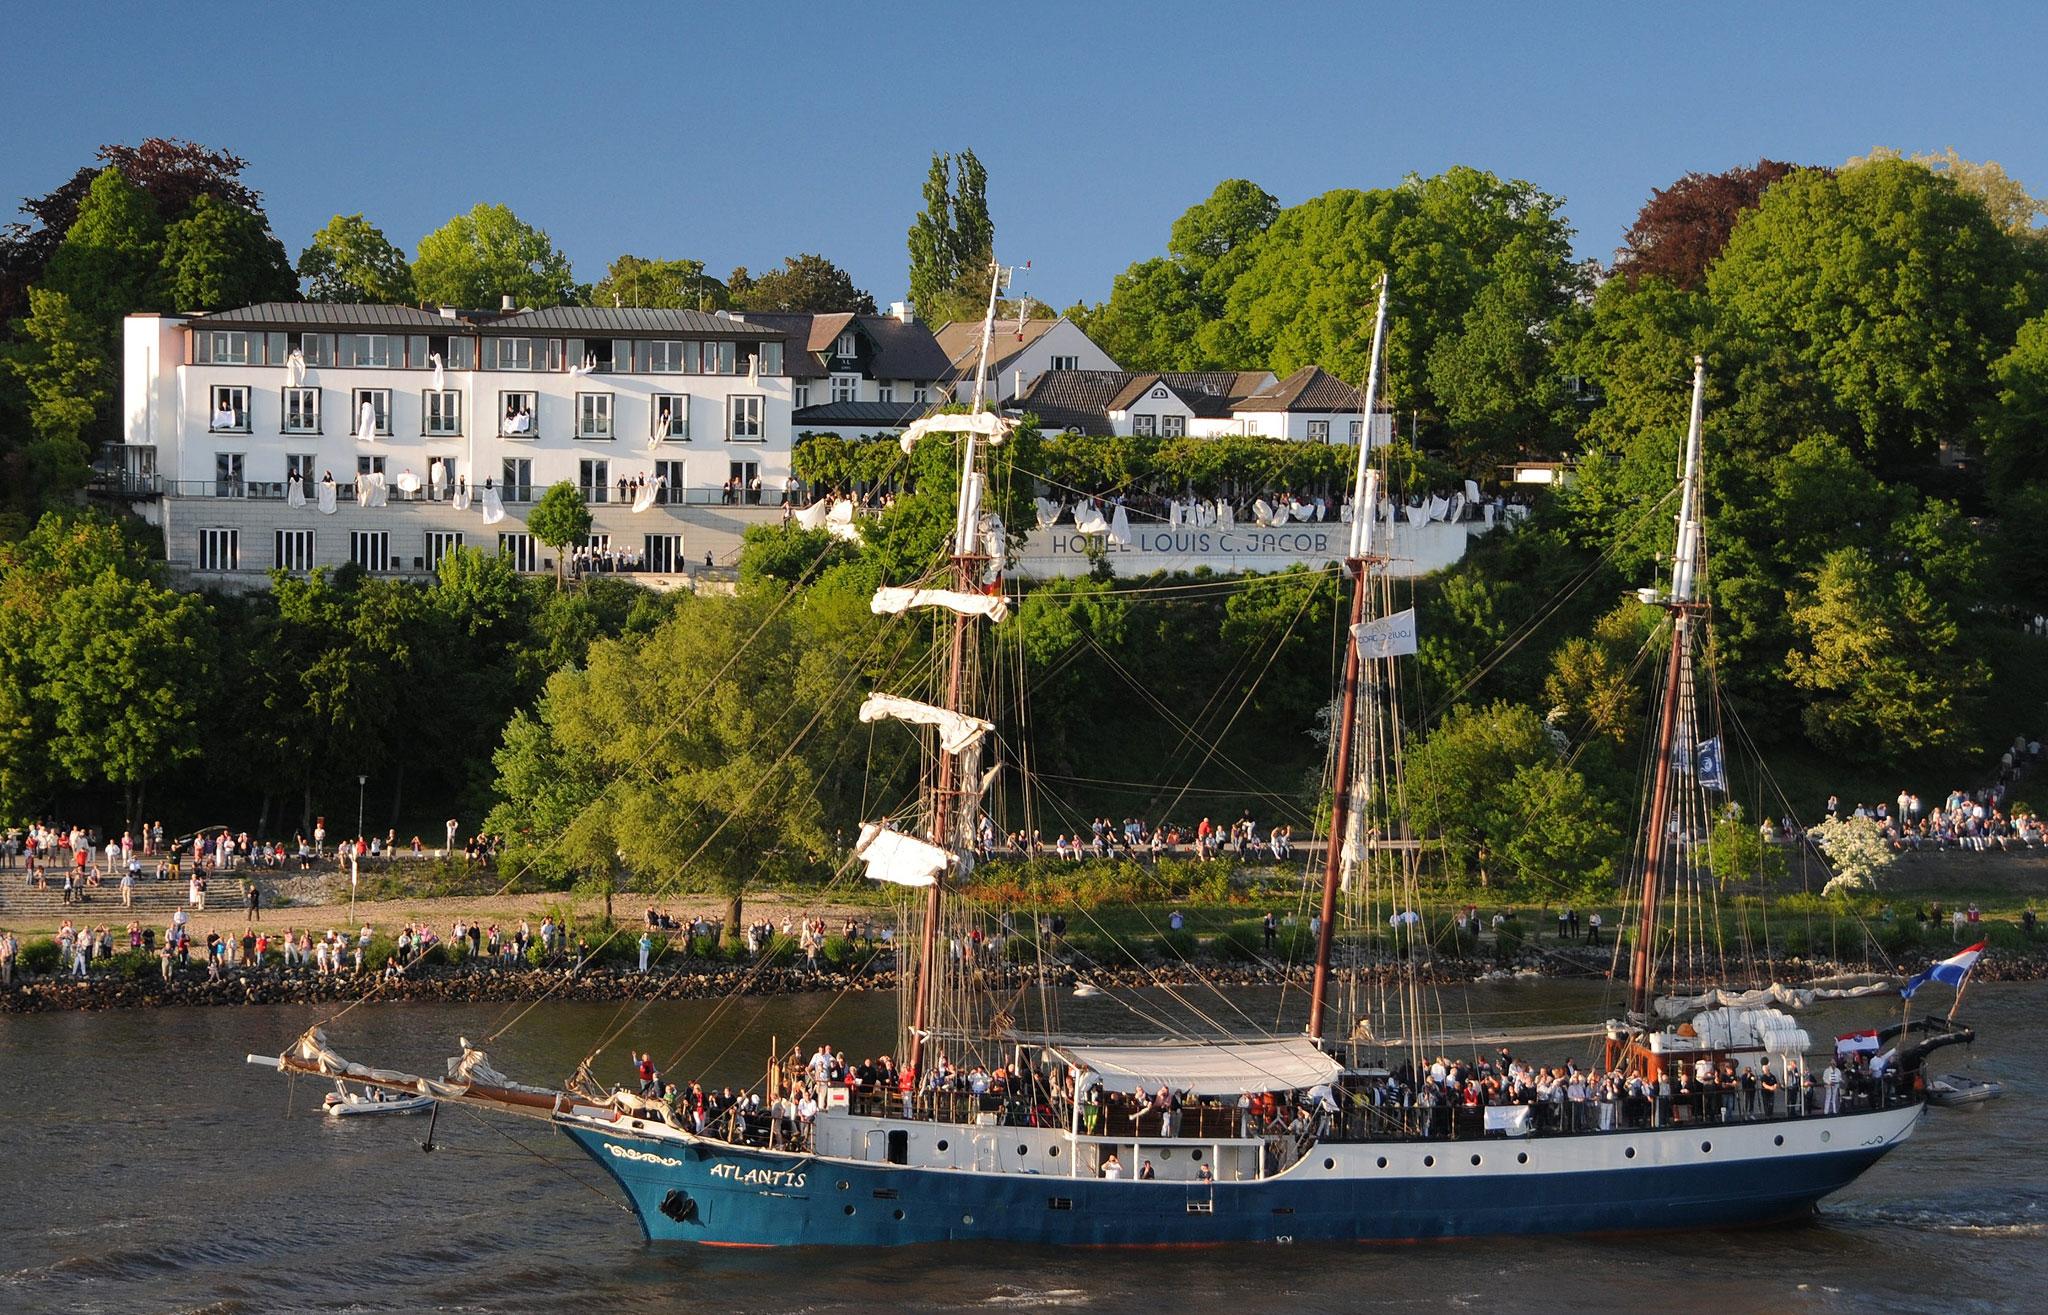 Beim Hamburger Hafengeburstag feiert das Hotel Louis C. Jacobs gerne mit.